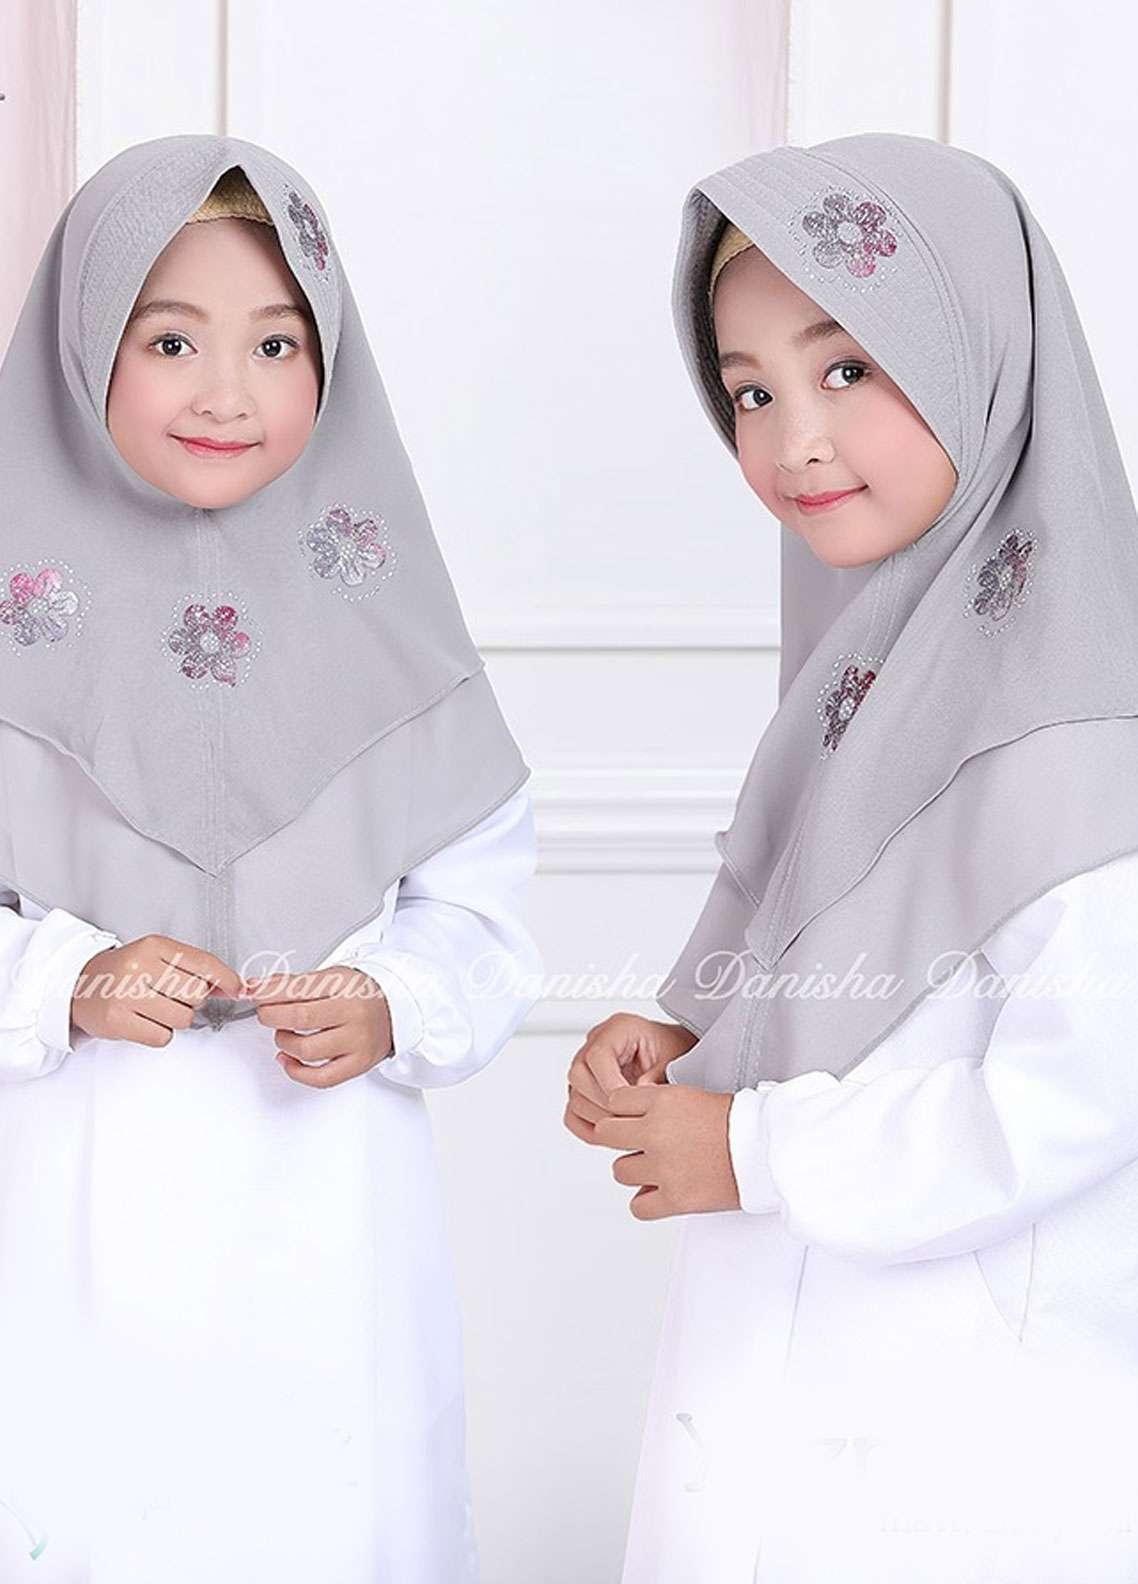 Danisha | Style of Hijab  Bubble Pop  Girls Scarves HH Danisha Yuzma 03 Grey